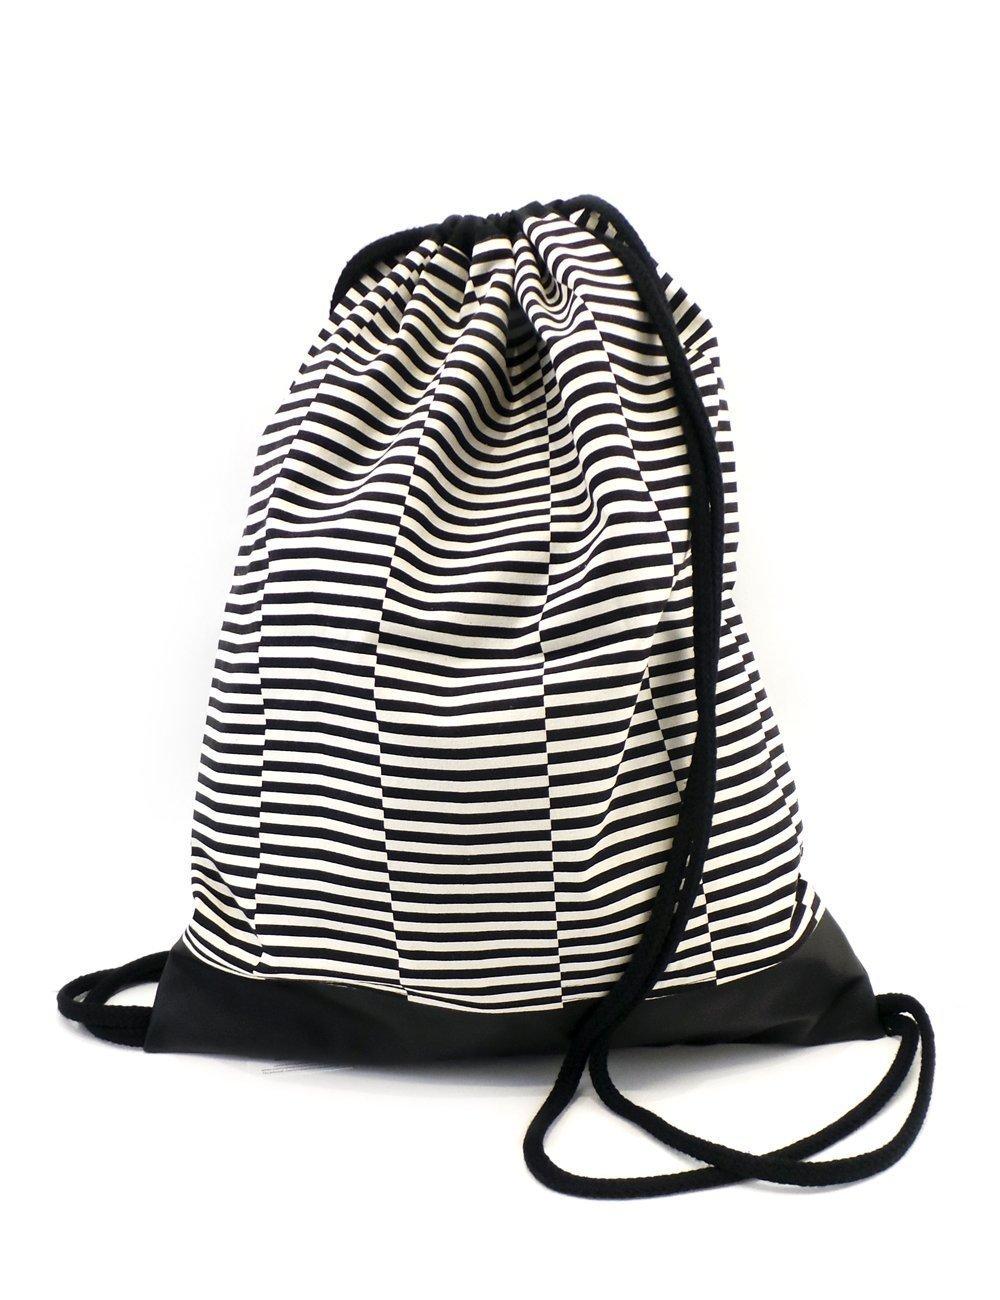 Turnbeutel Rucksack Hipster Beutel Sporttasche Schwarz weiß groß. Perfekt für jeden Tag. Hochwertig handgemacht in Berlin von Colorblind Patterns.